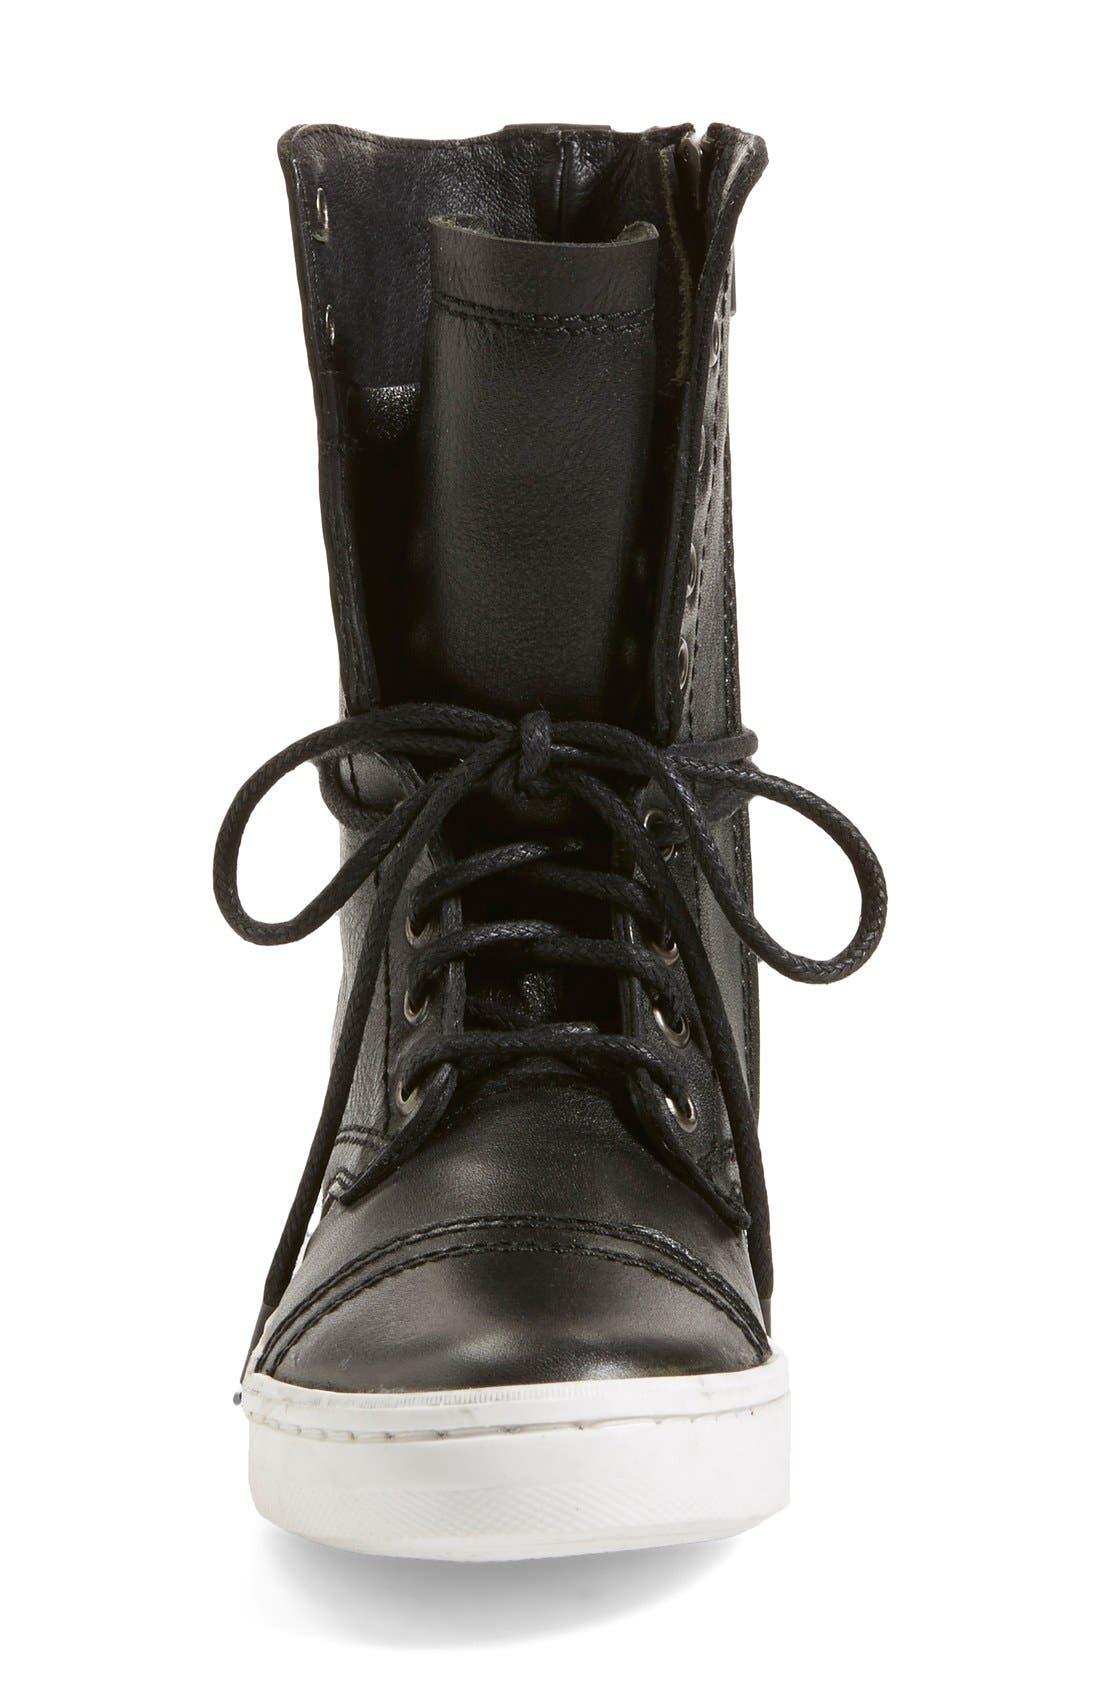 'Resolvve' Sneaker Boot,                             Alternate thumbnail 2, color,                             001